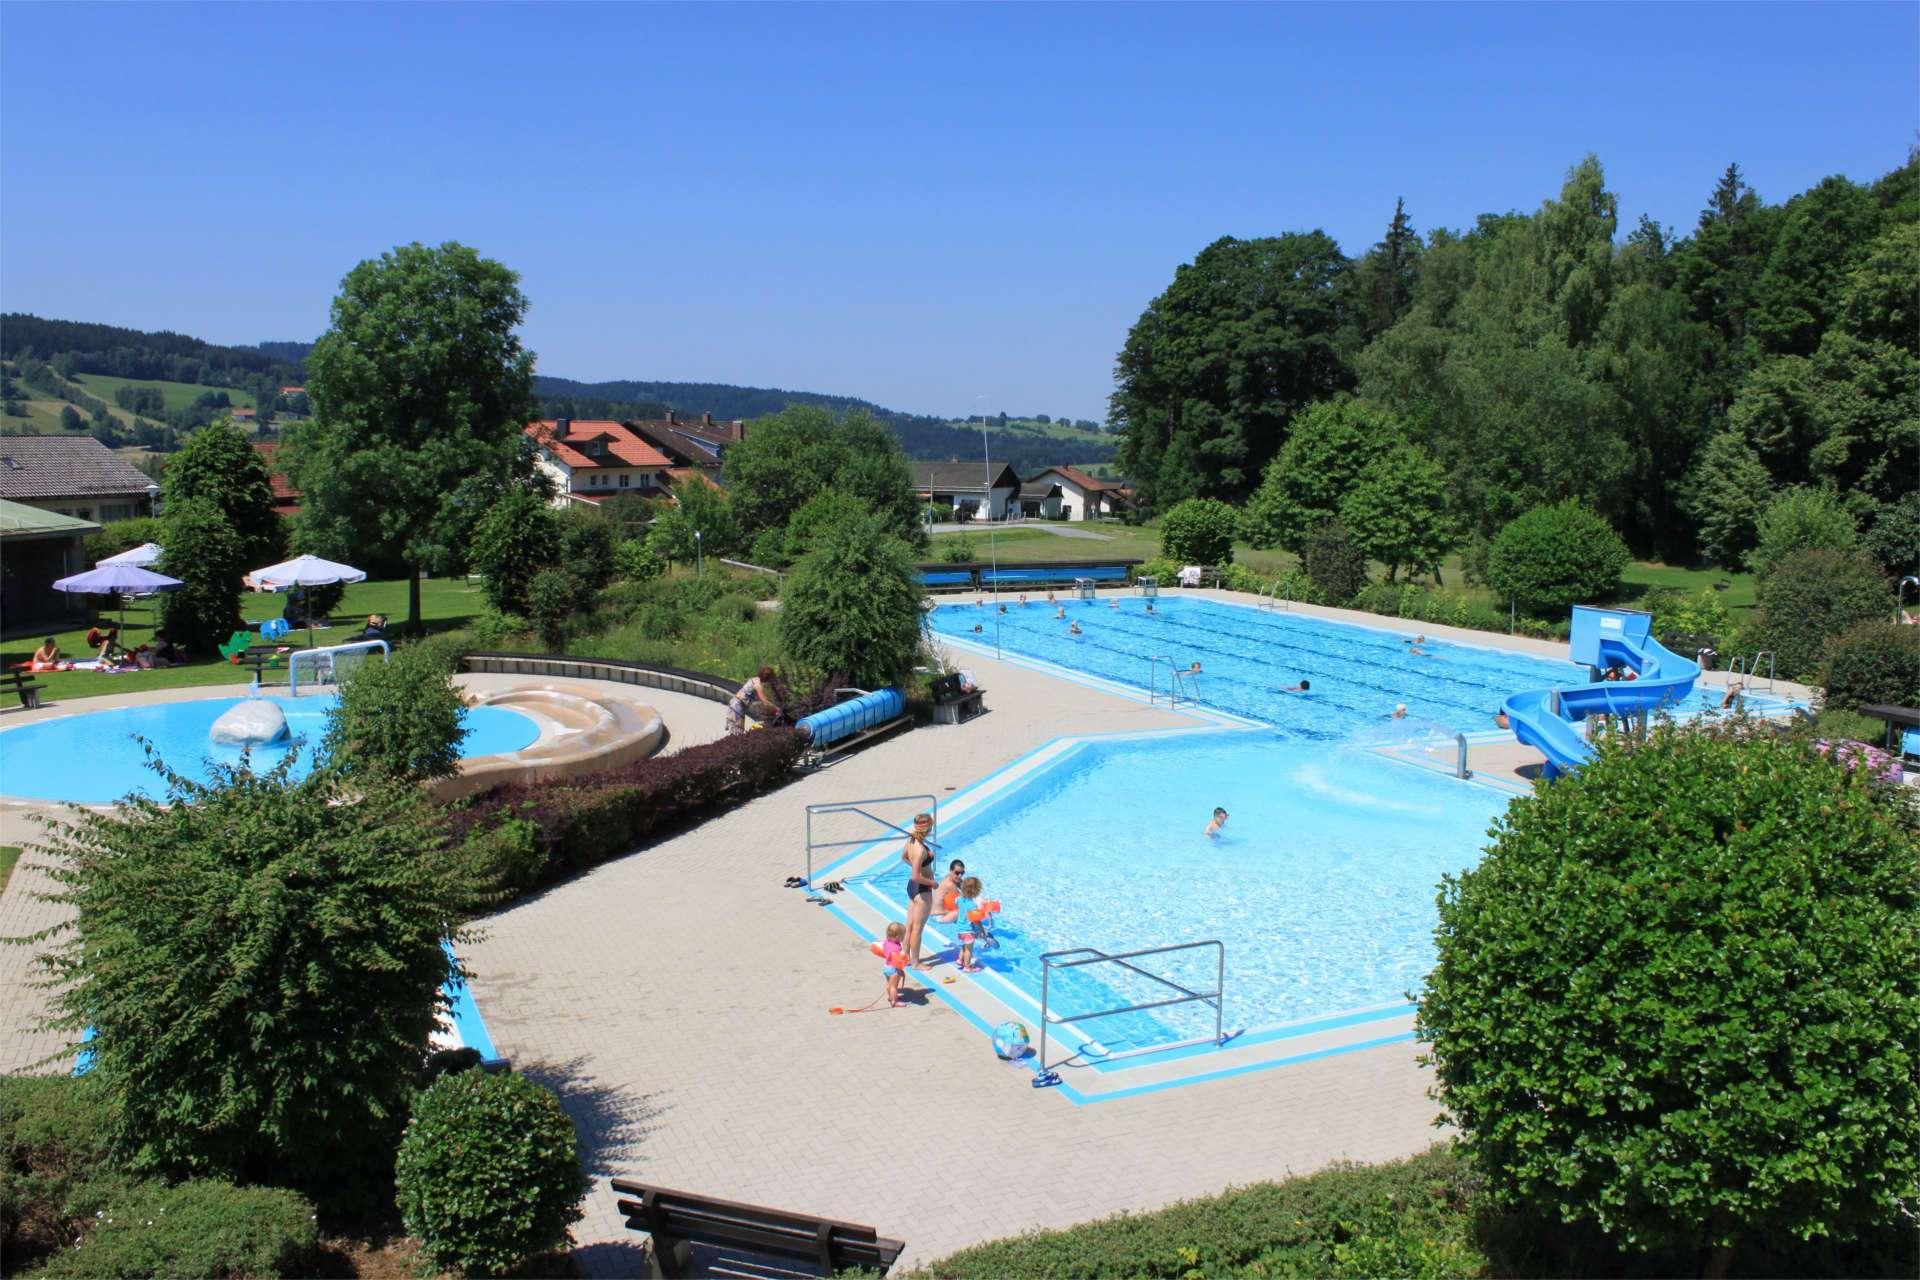 Freibad Frauenau